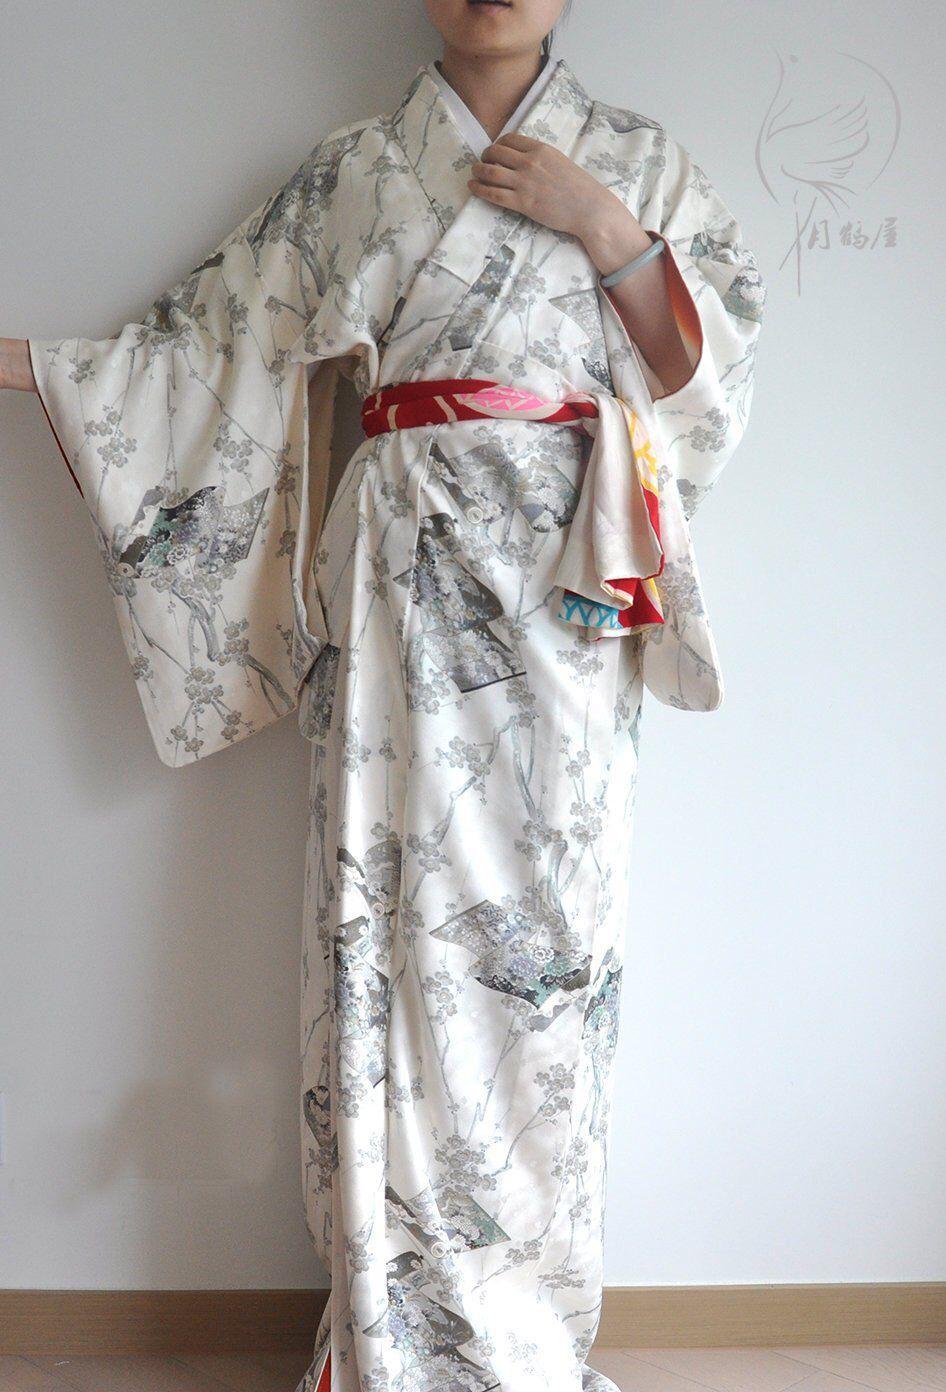 ff32f8802 Japanese white silk long kimono robe, vintage authentic floral komon maxi  kimono gown dress,